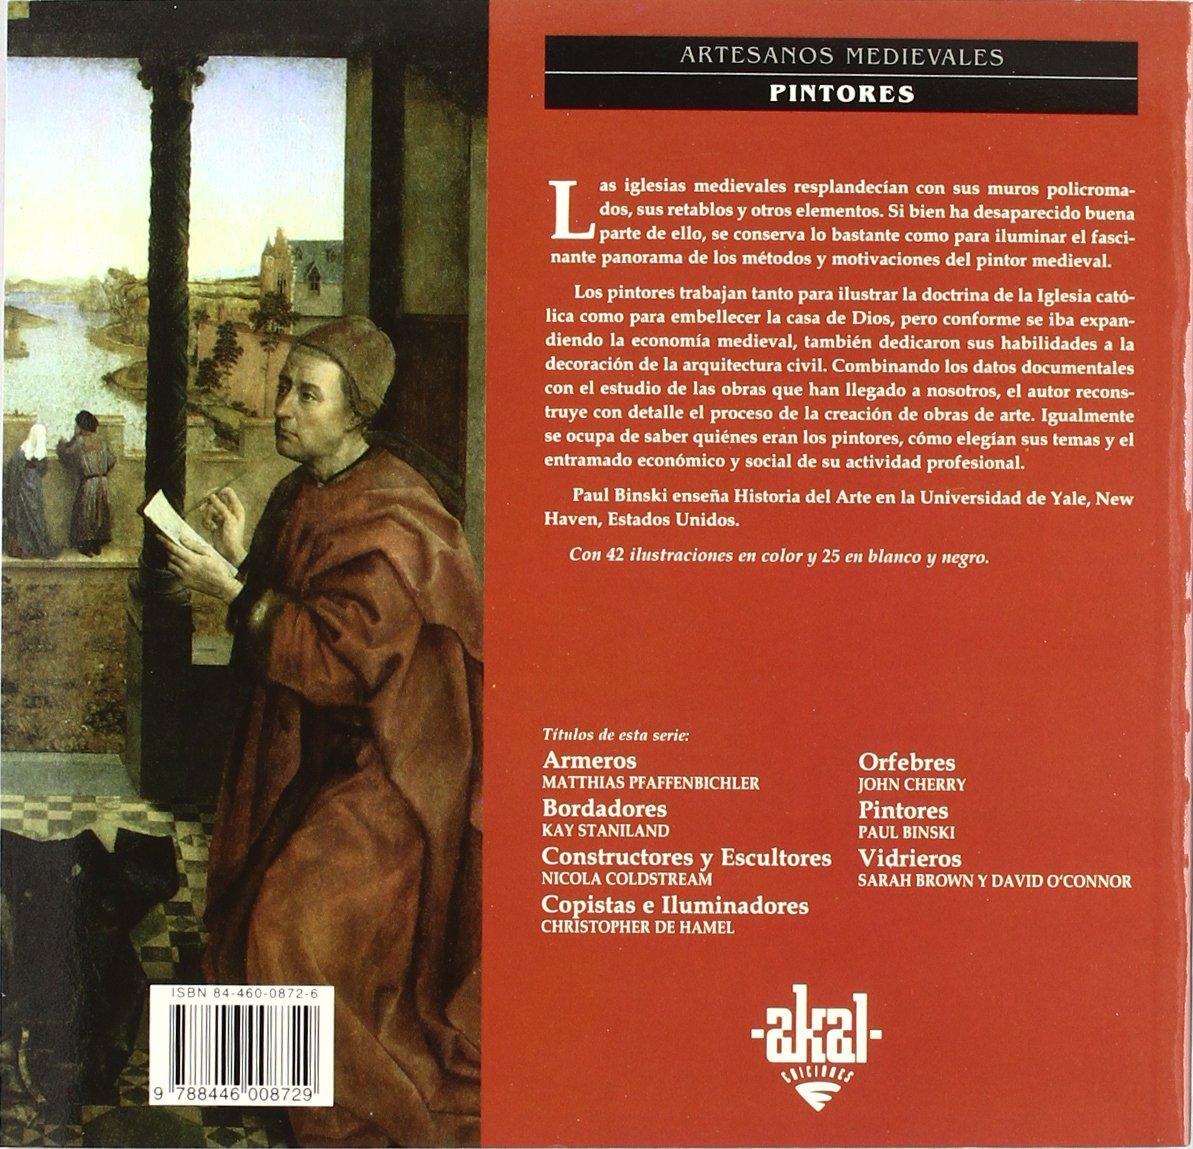 Pintores (Artesanos medievales): Amazon.es: Paul Binski, Julio Rodríguez Puértolas: Libros